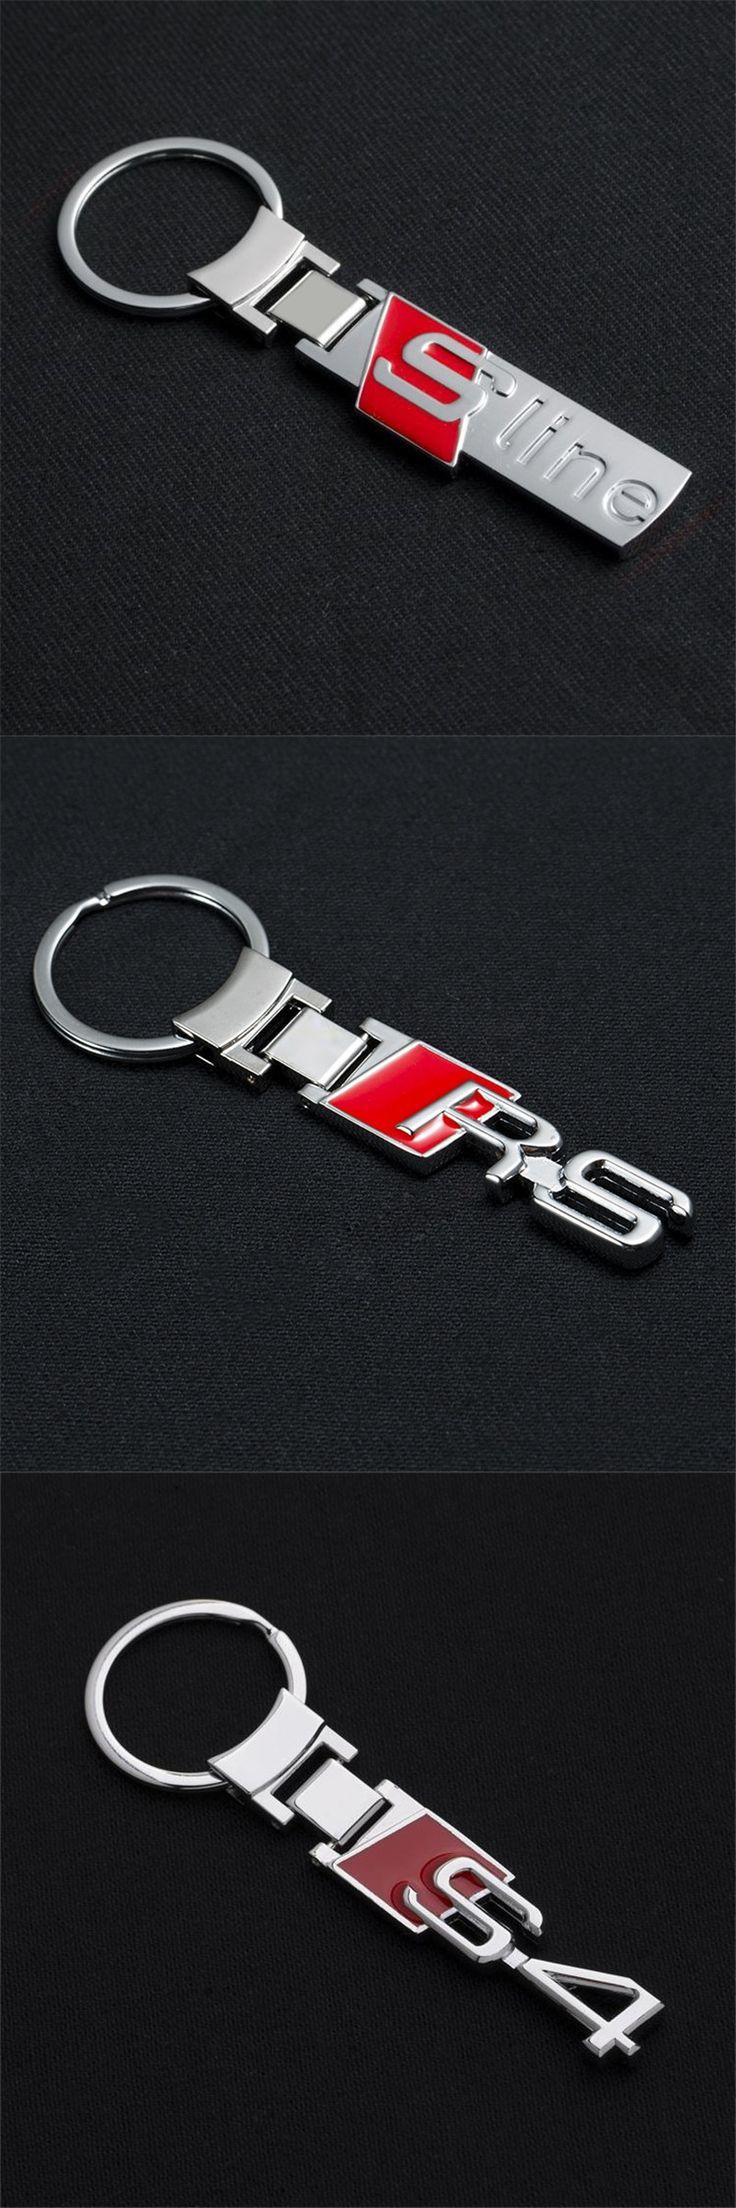 Fashion S line metal car logo key ring chain keychain keyring for audi A3 A4 A6L Q3 Q5 Q7 S3 S6 RS4 chaveiro llavero key holder